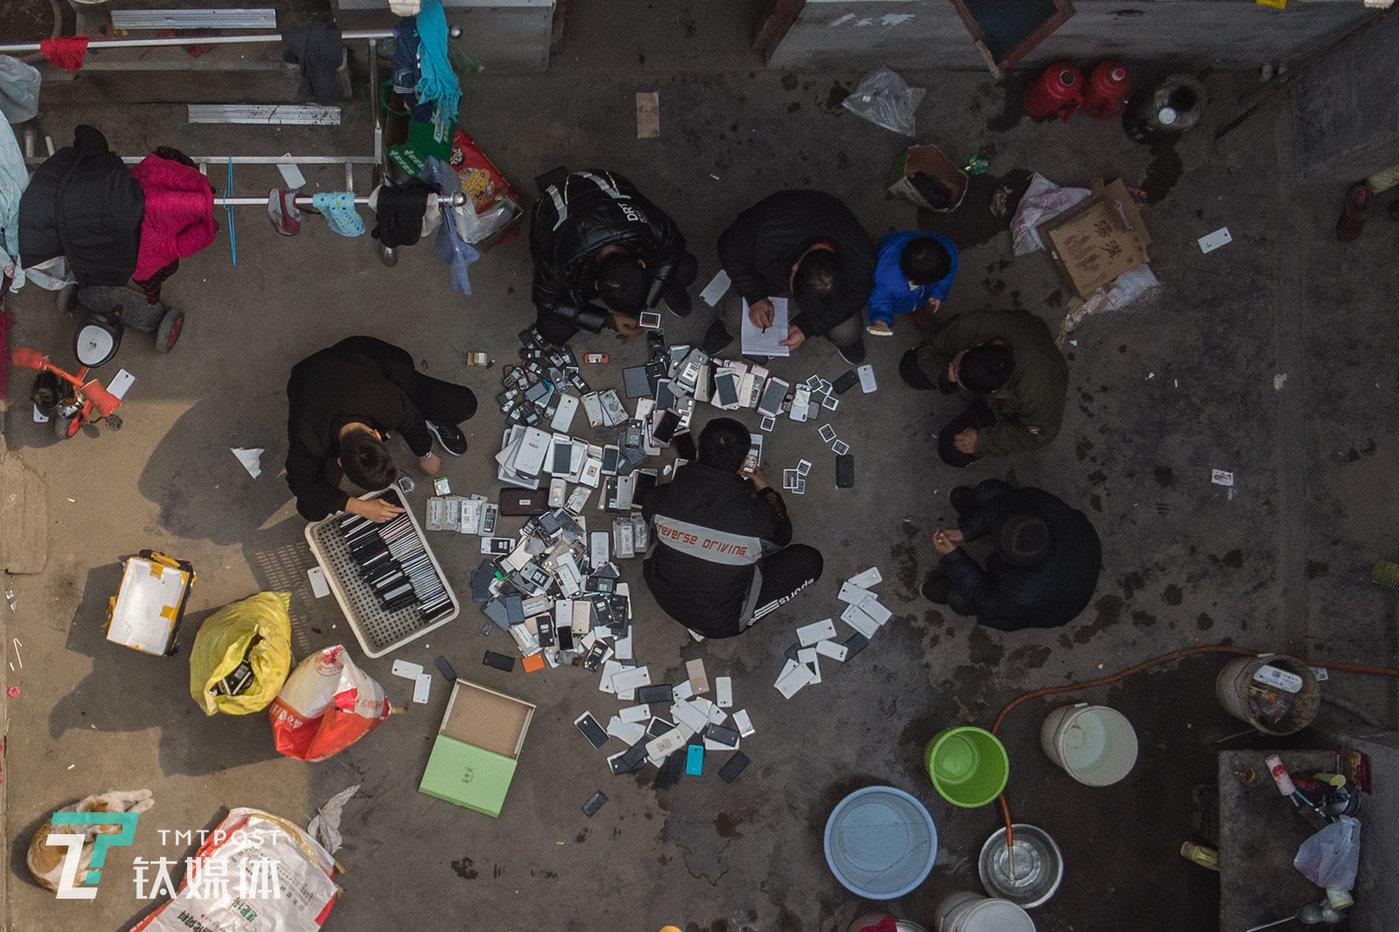 """西房庄村农户老陈家,废旧手机回收商李蒙(中)在清点旧手机。李蒙从60公里外的地方开车赶来收货,他是临沂地区规模最大的回收商之一,每年经手的货有""""两千多万人民币""""。"""